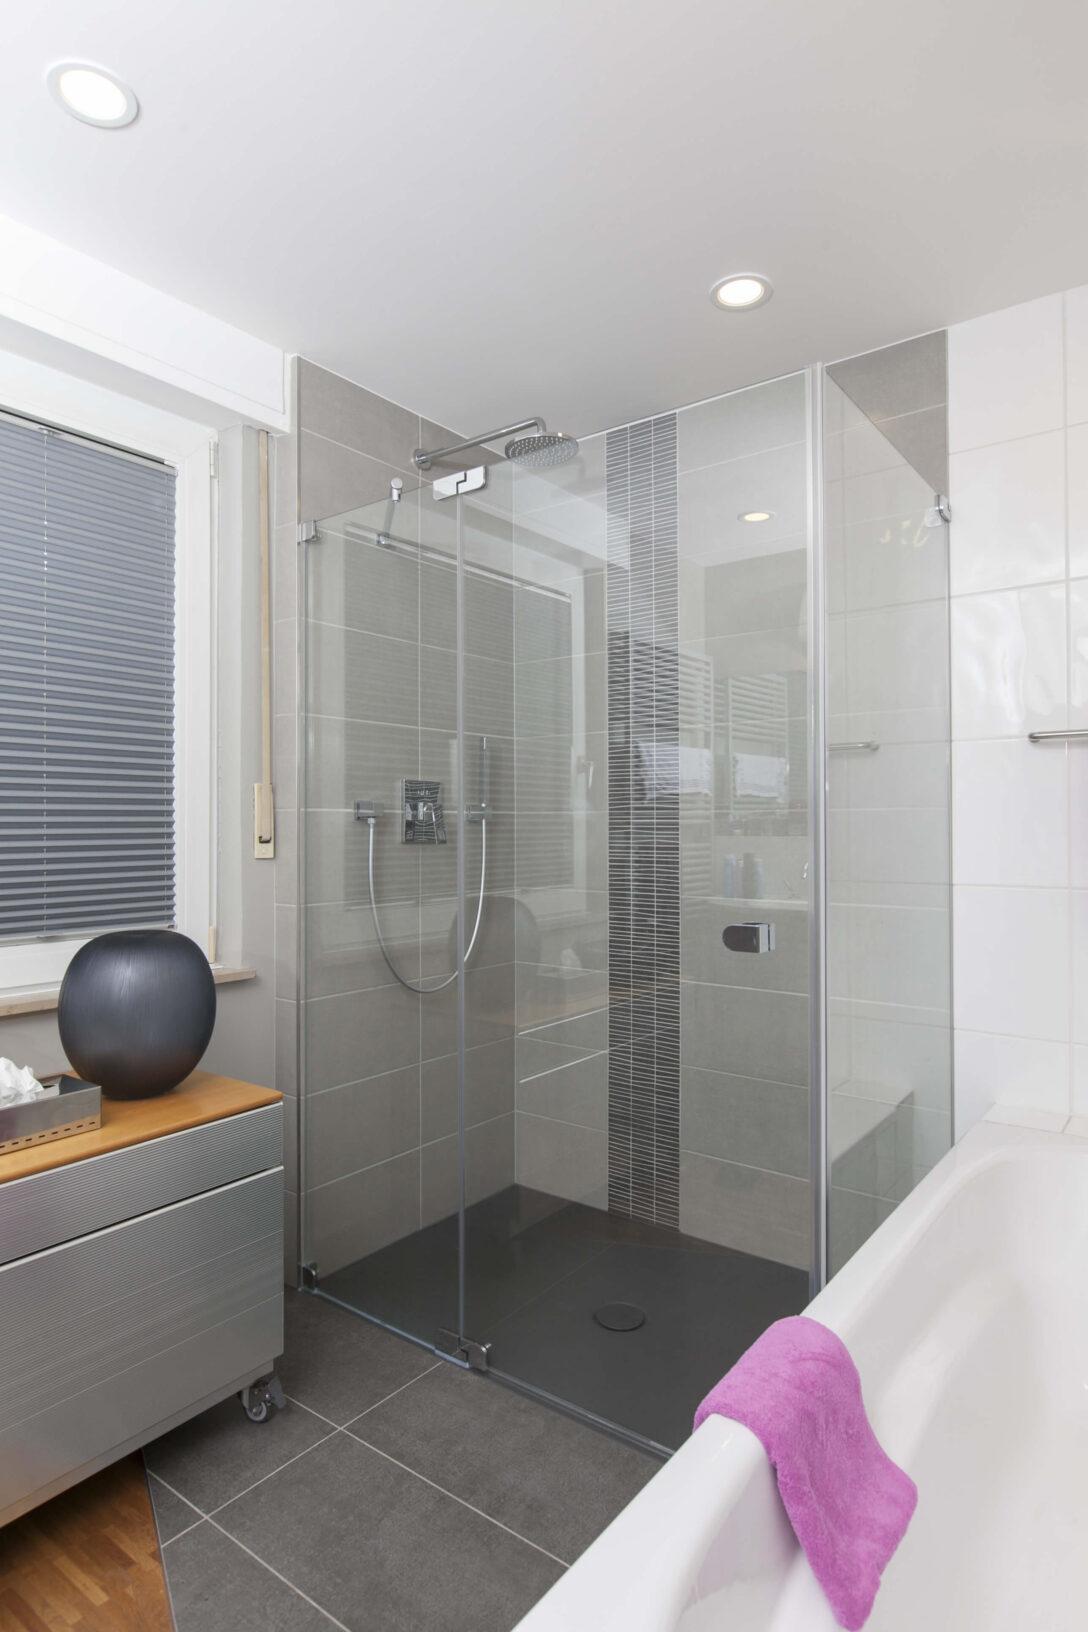 Large Size of Teilmodernisierung Dusche Badezimmer Kln Modernisierung Begehbare Haltegriff Ebenerdige Kosten Nischentür Koralle Glaswand Behindertengerechte Bodengleiche Dusche Barrierefreie Dusche